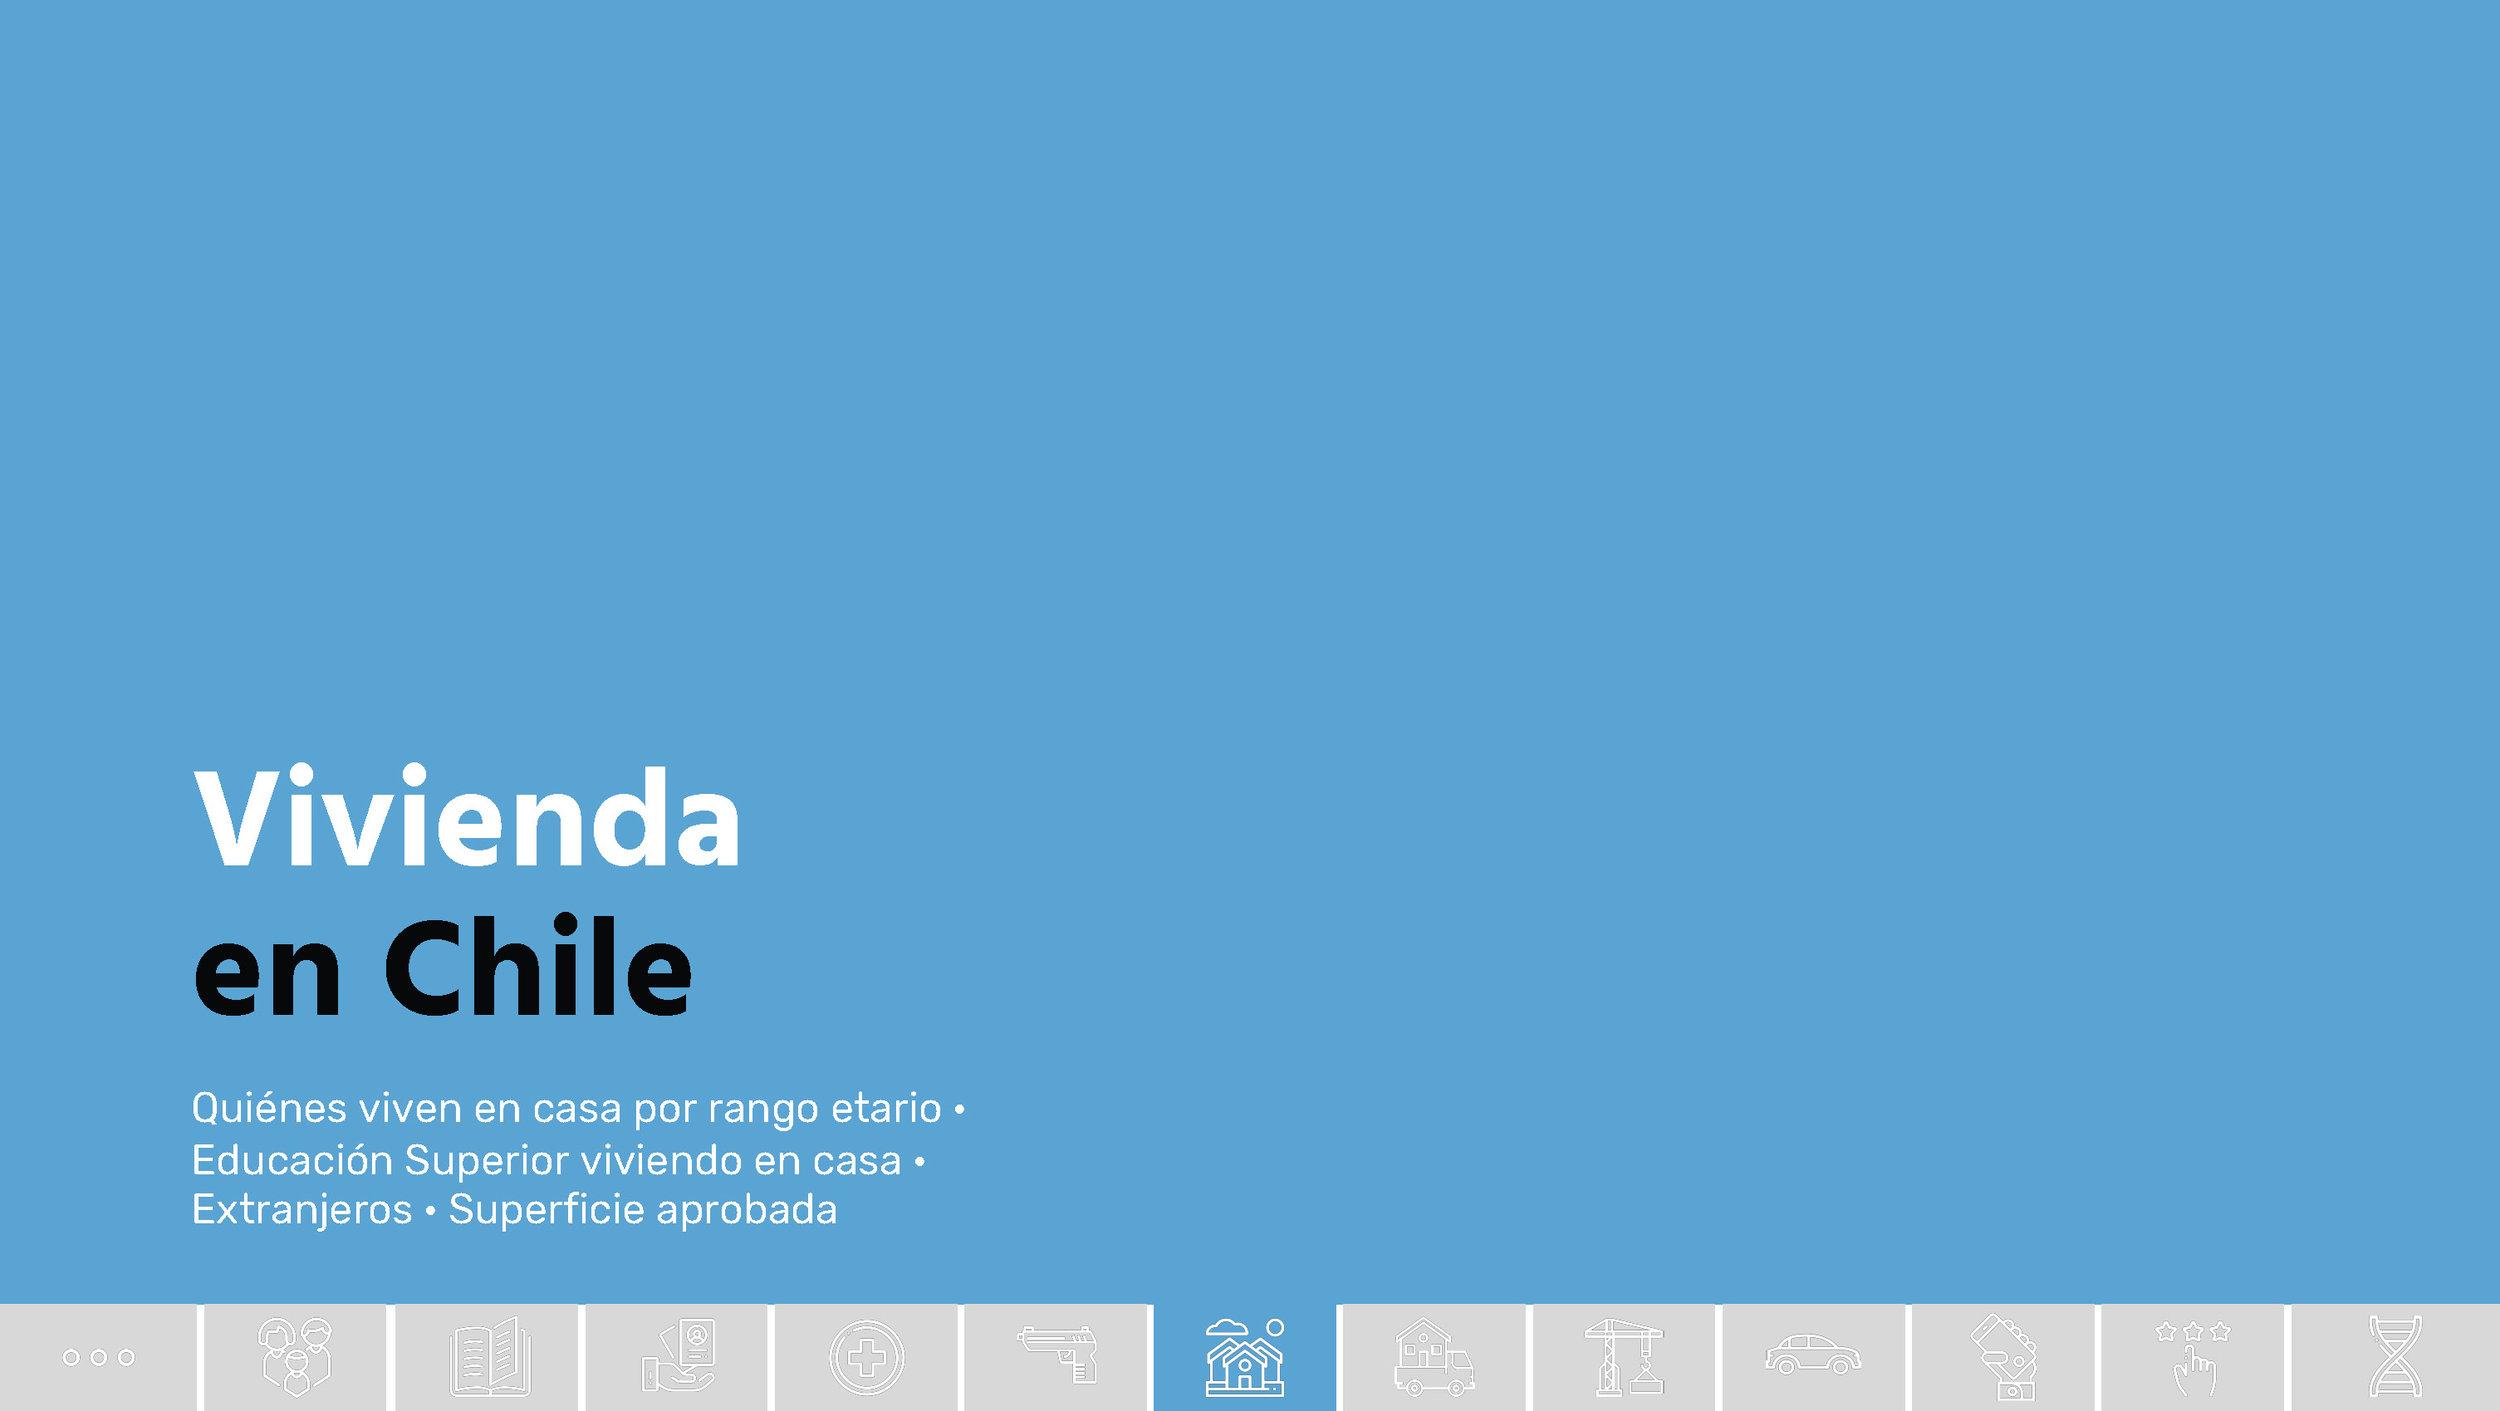 Chile_Datos de una transformacion social_Unholster_Página_48.jpg